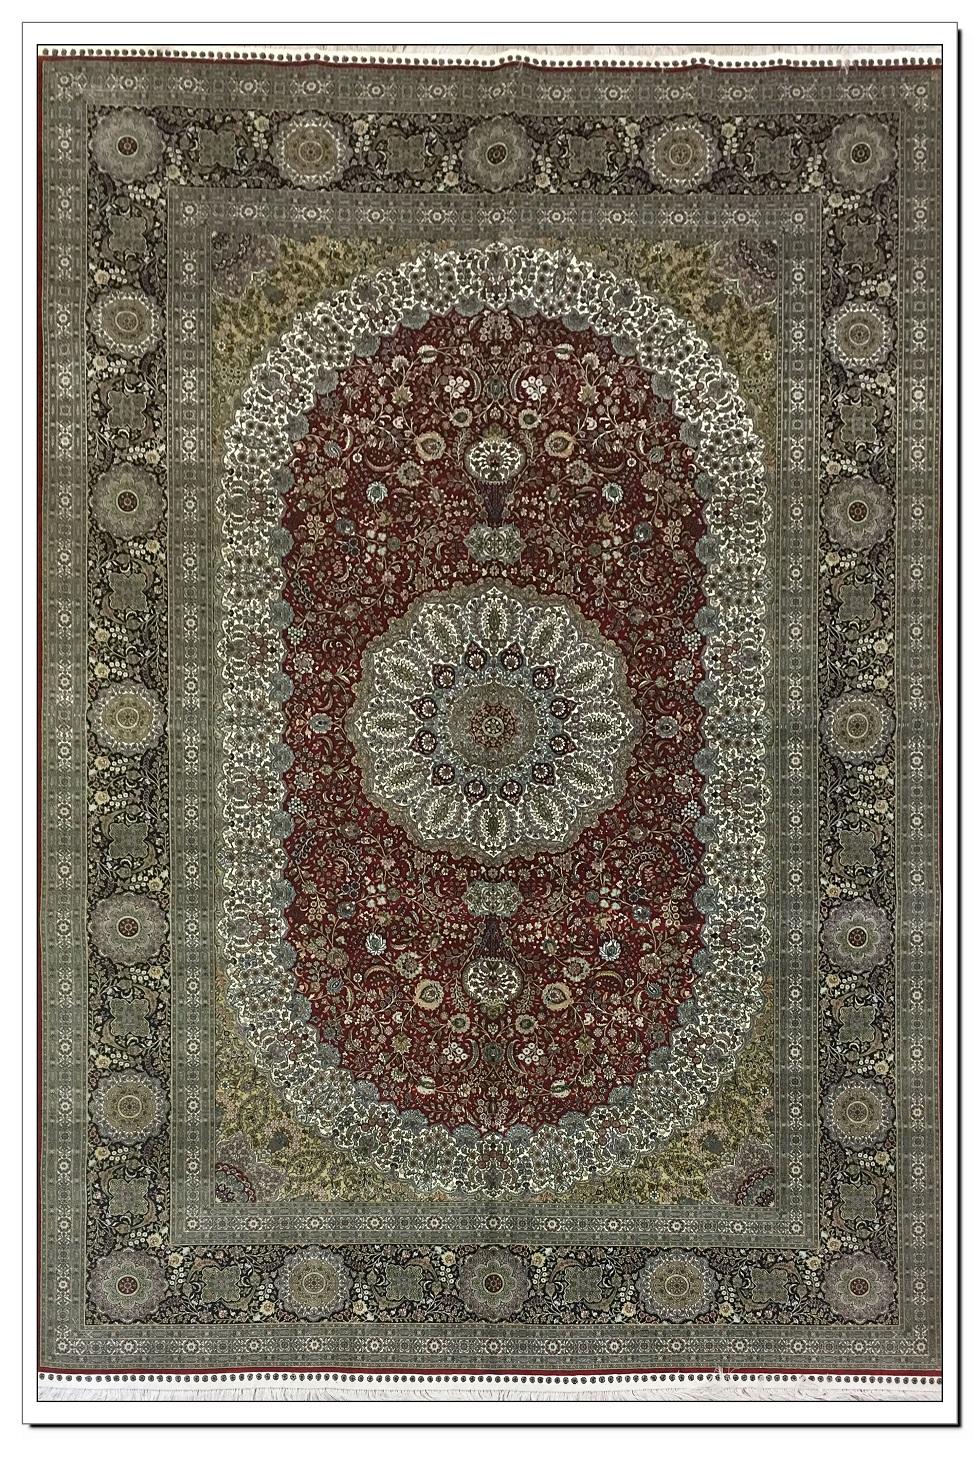 真丝地毯400道x40004